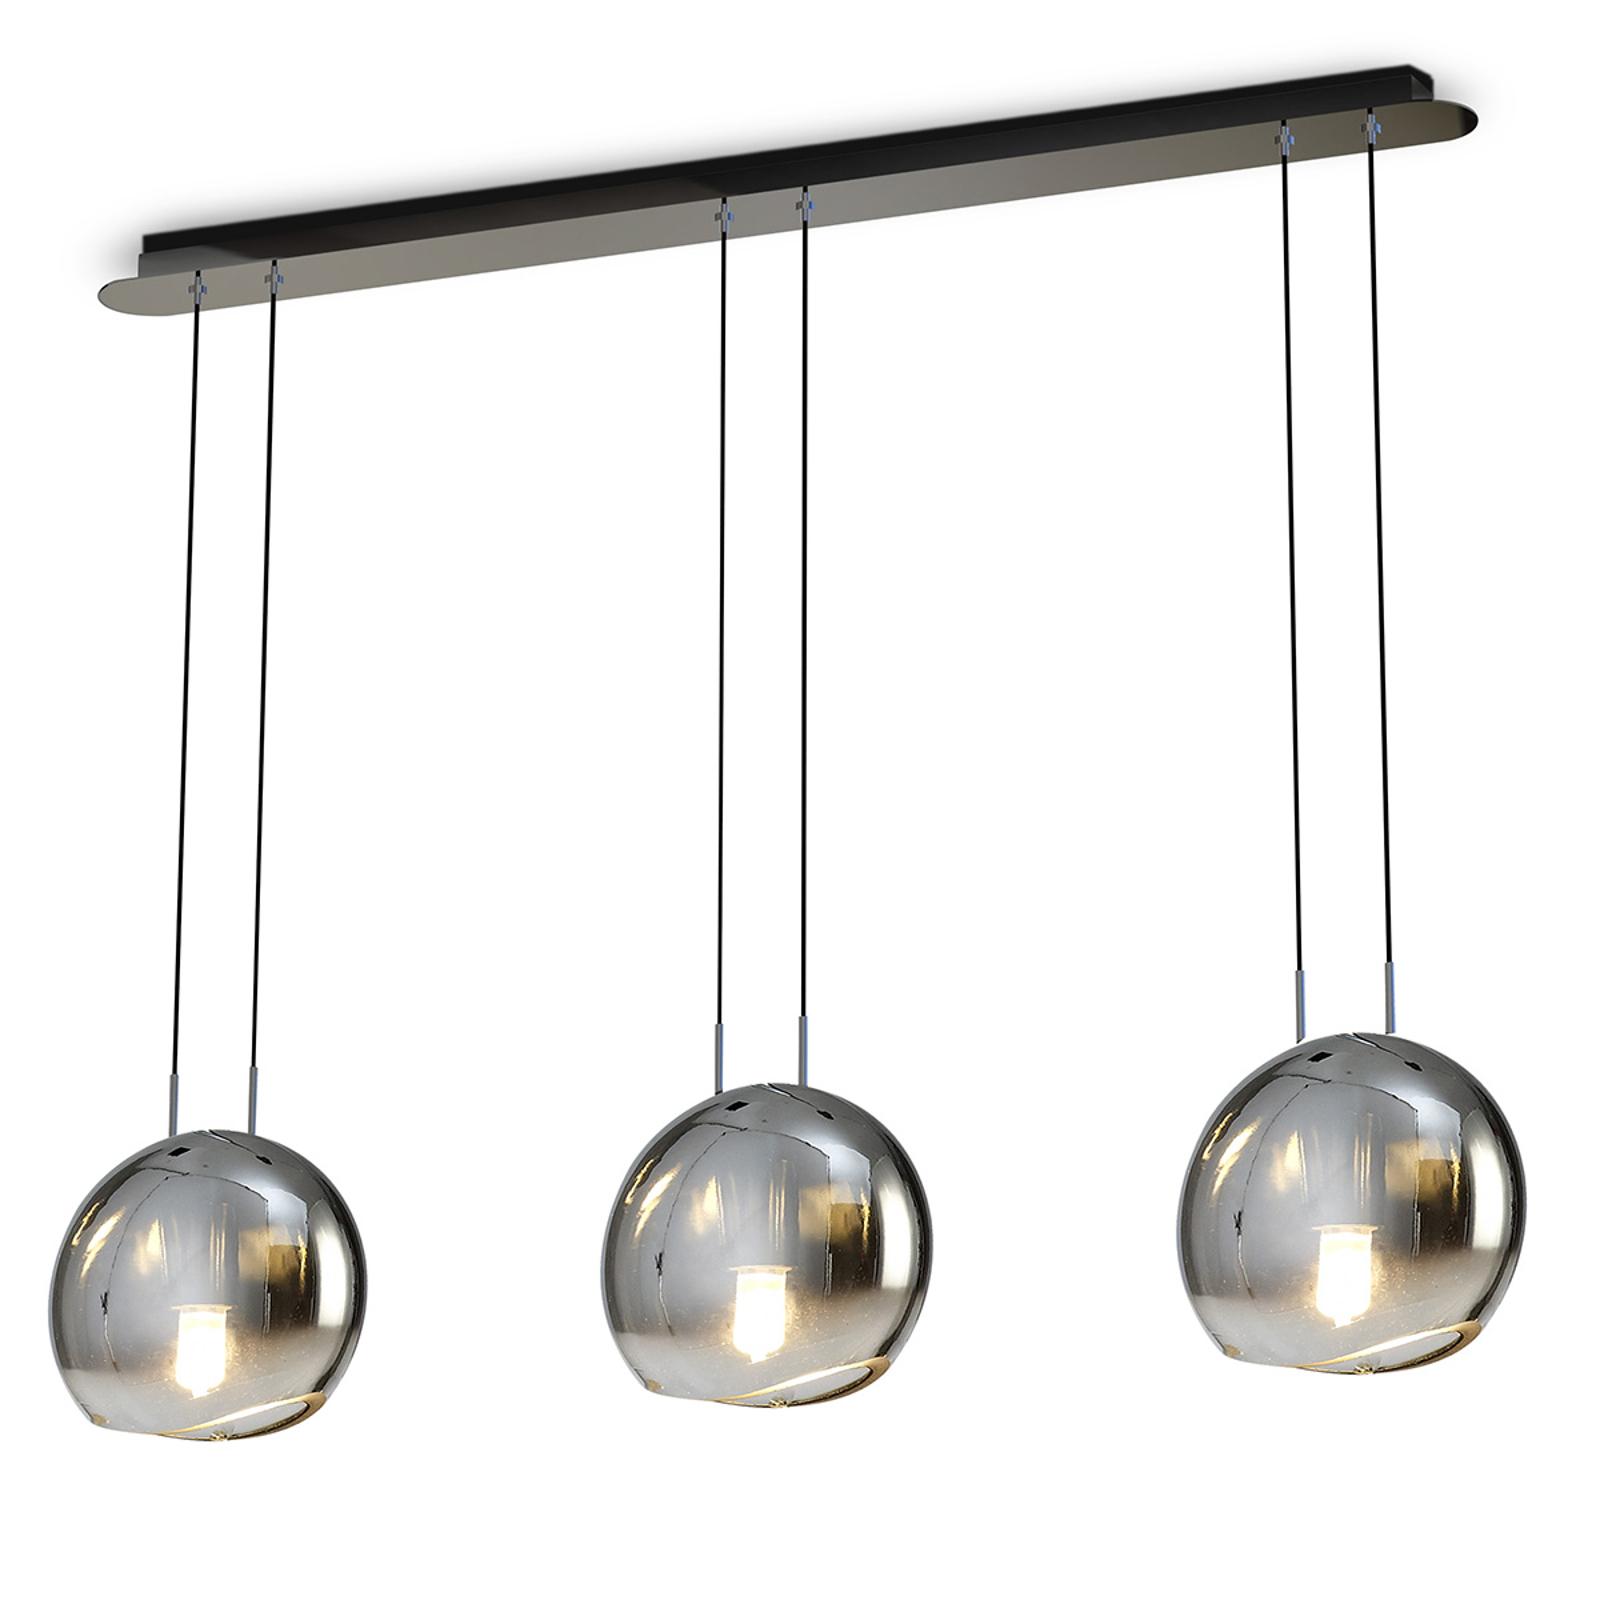 Suspension Lens à 3 lampes avec abat-jour en verre